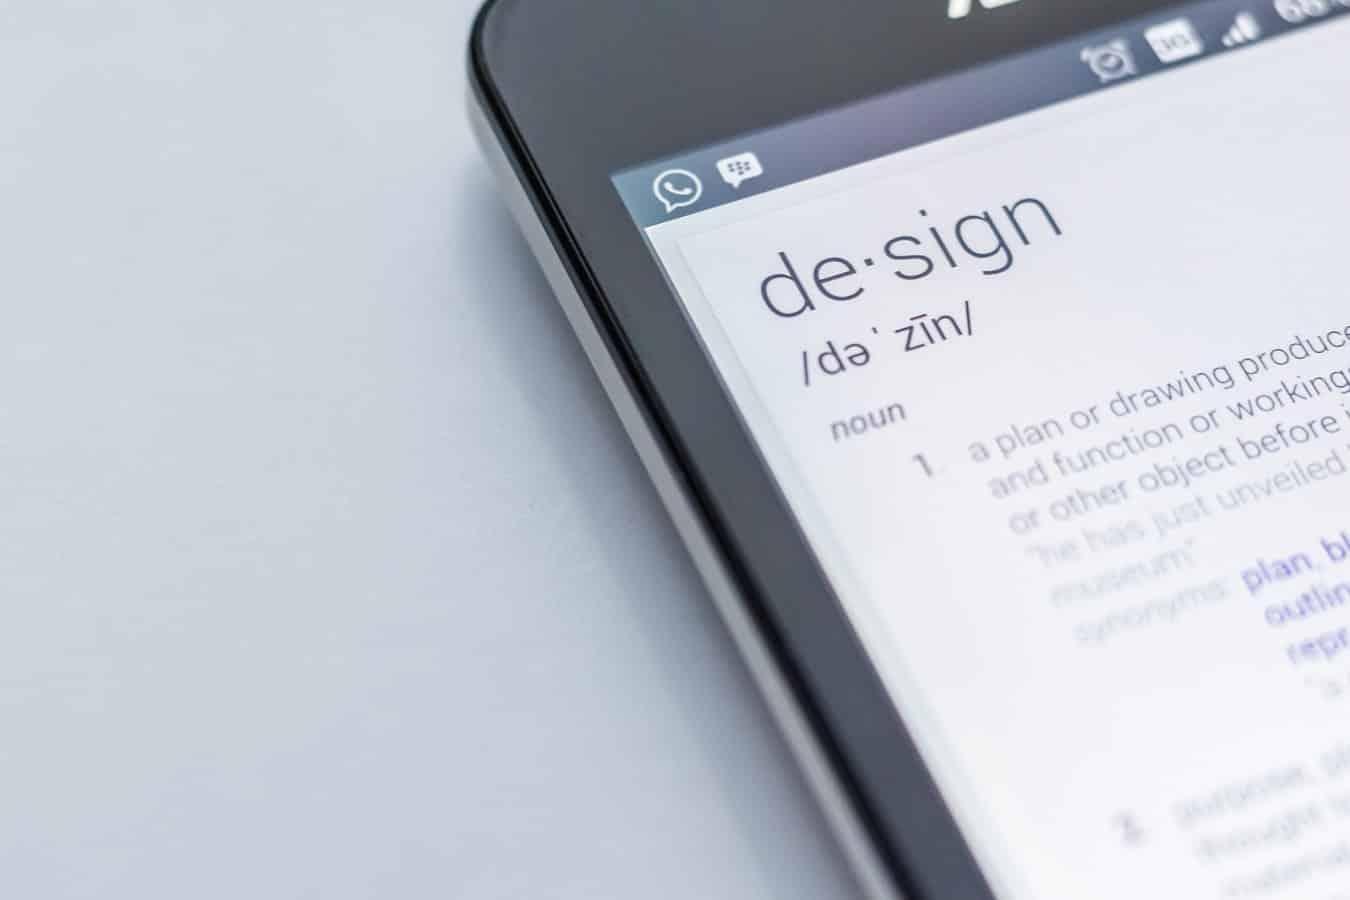 Definition of design - website design